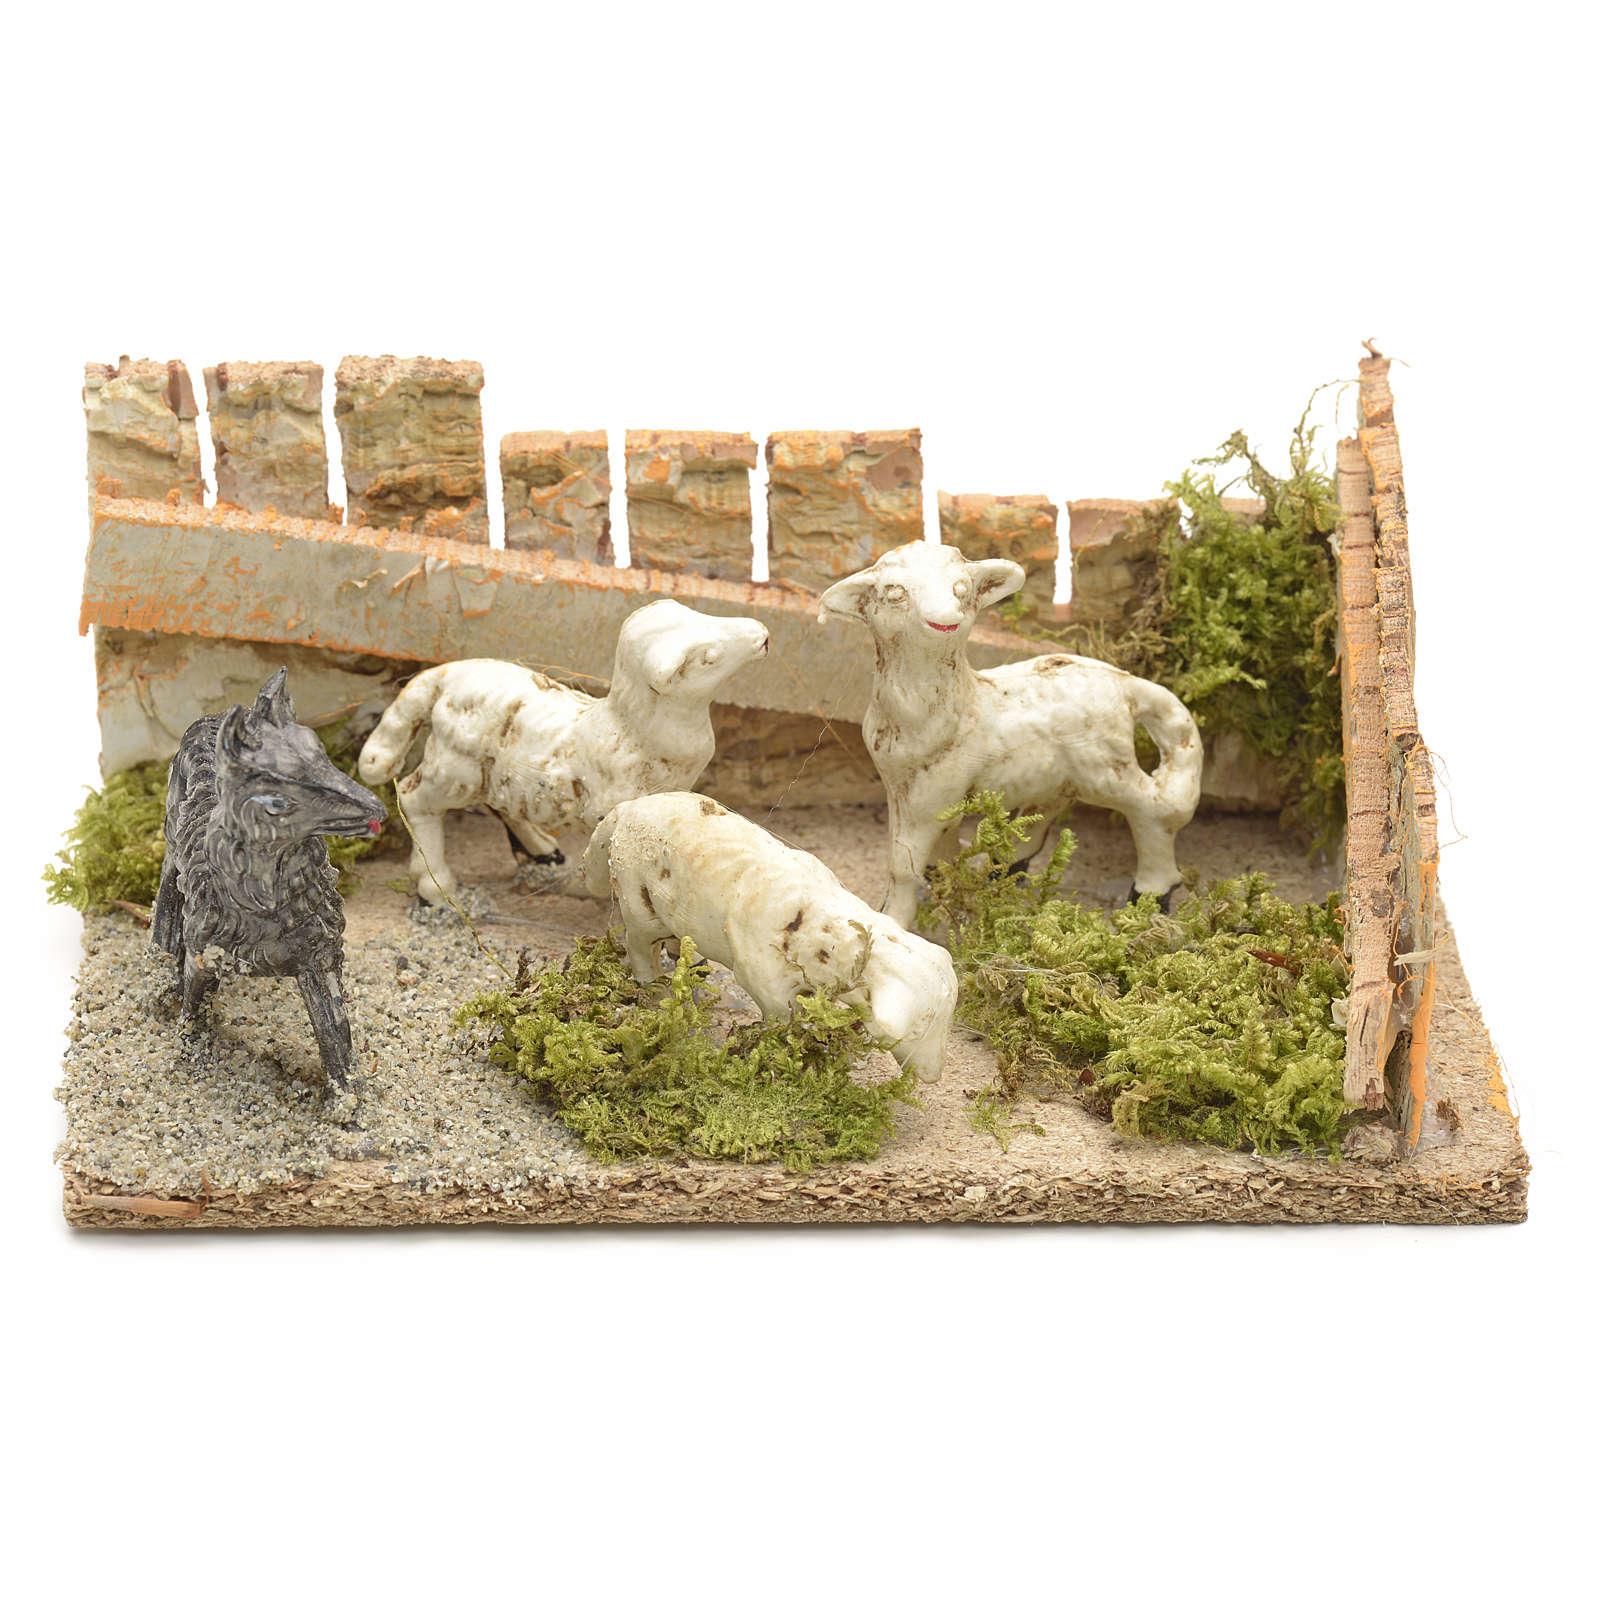 Pecore con cane: ambientazione presepe 8-10 cm 3